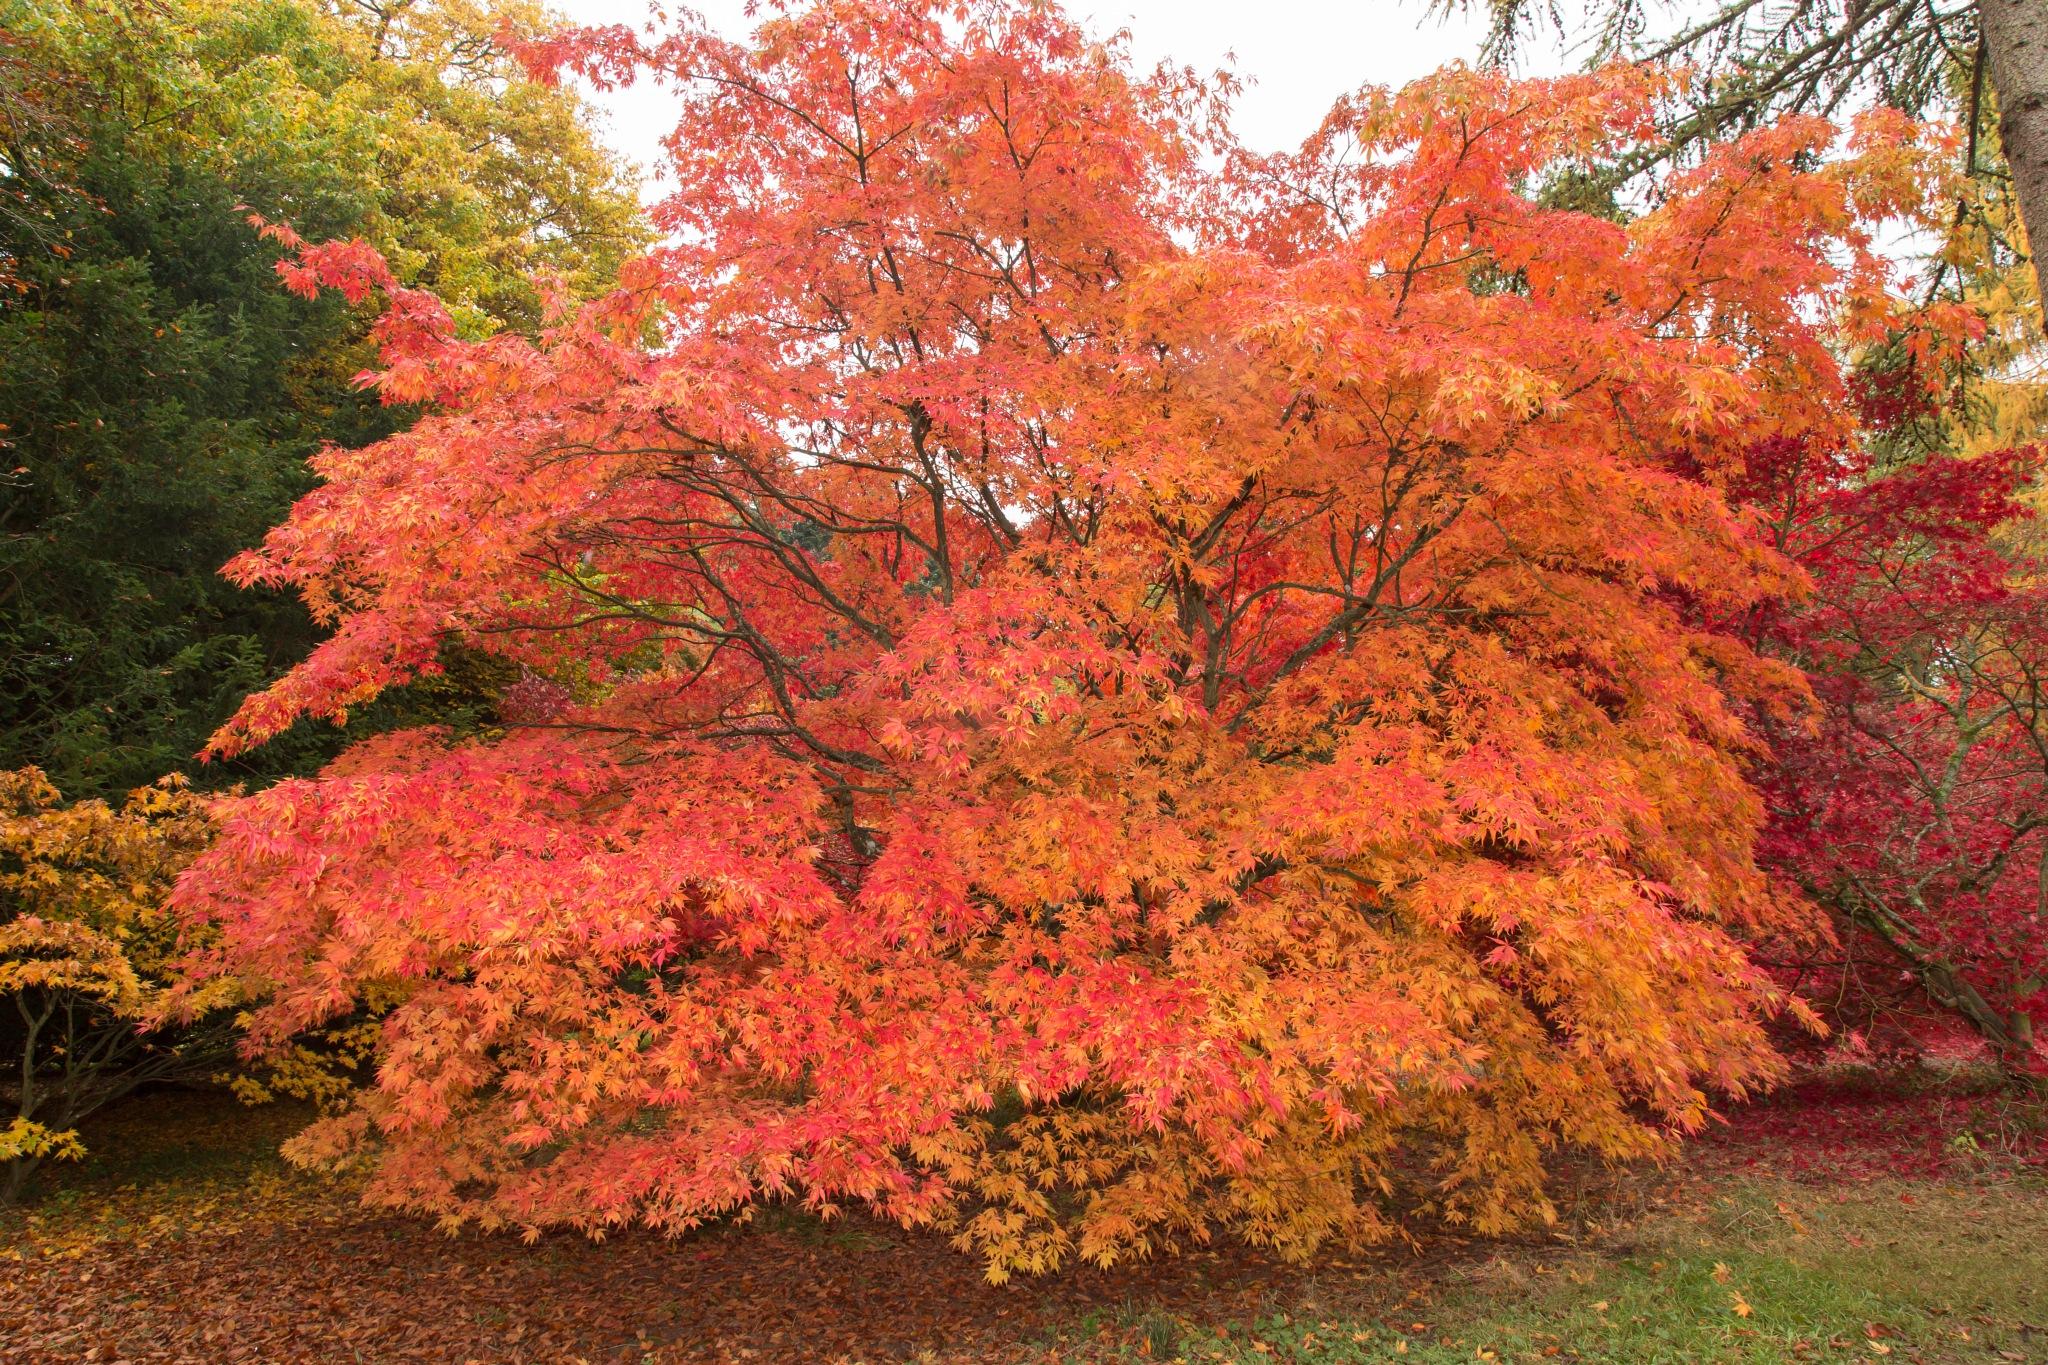 Autumn by Philip Cooper